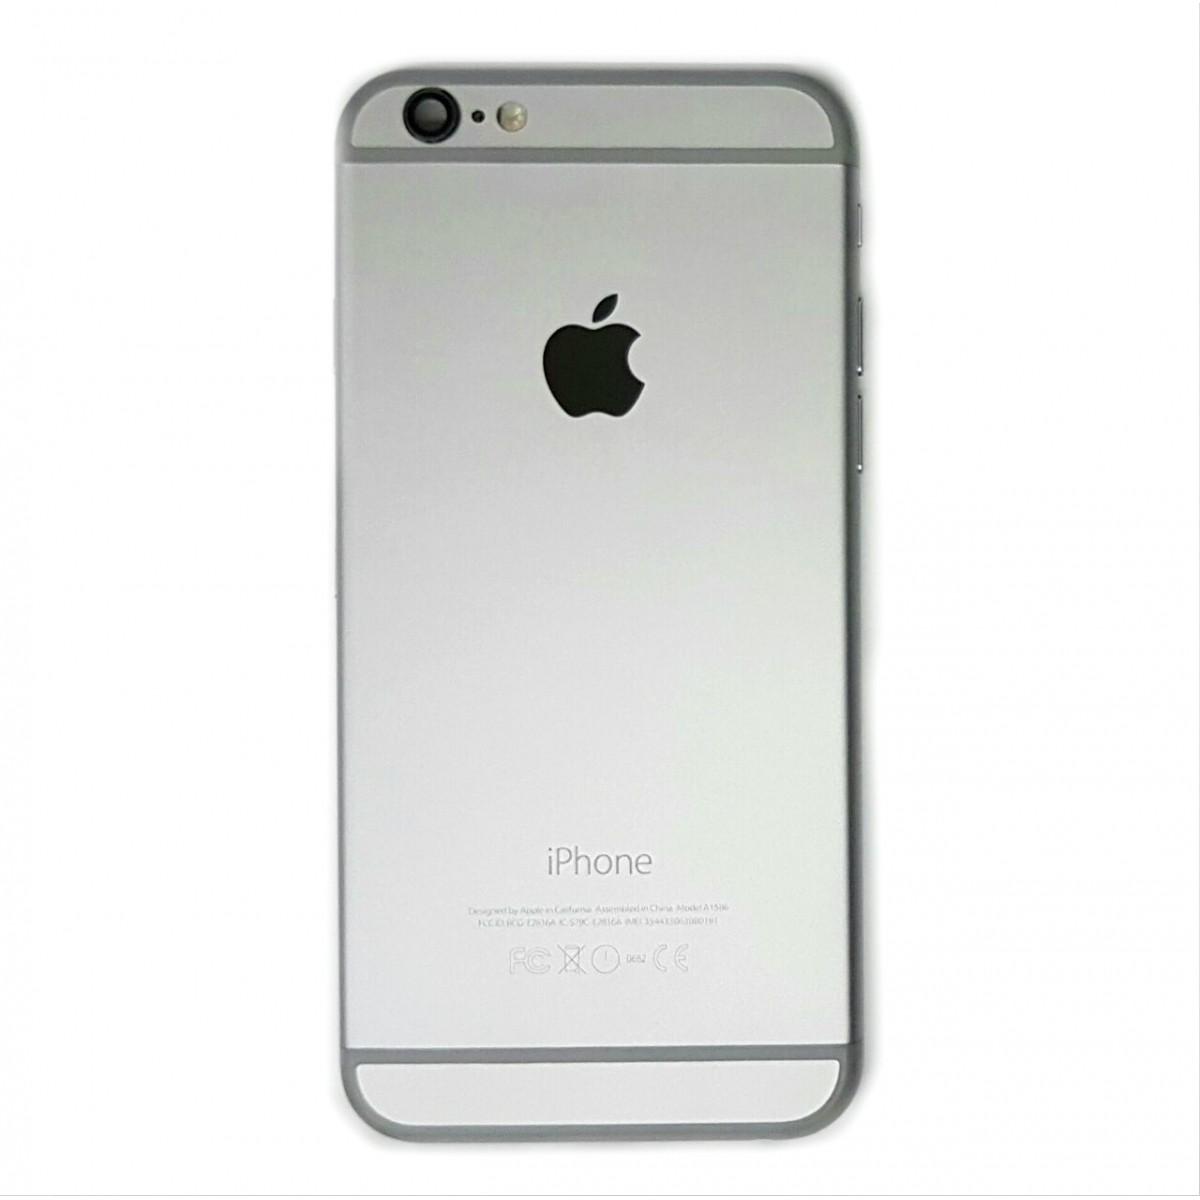 Carcaca Iphone 6G 4.7 Cinza Espacial Acompanha Flex e Componentes